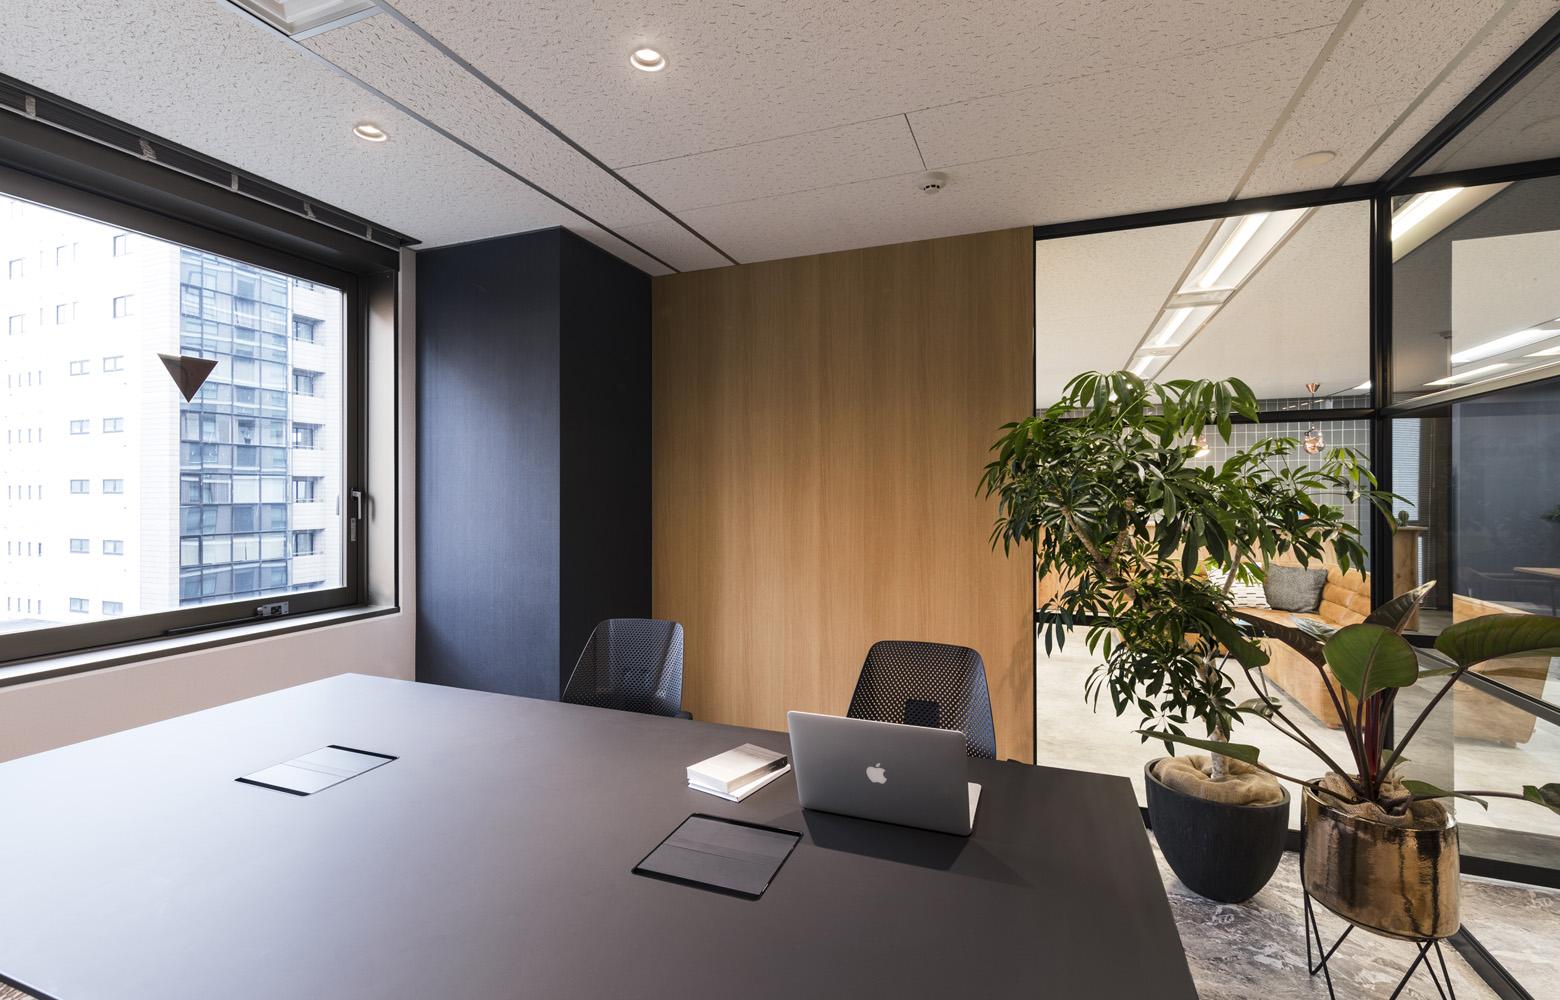 株式会社バズったー Meeting Room_2 デザイン・レイアウト事例